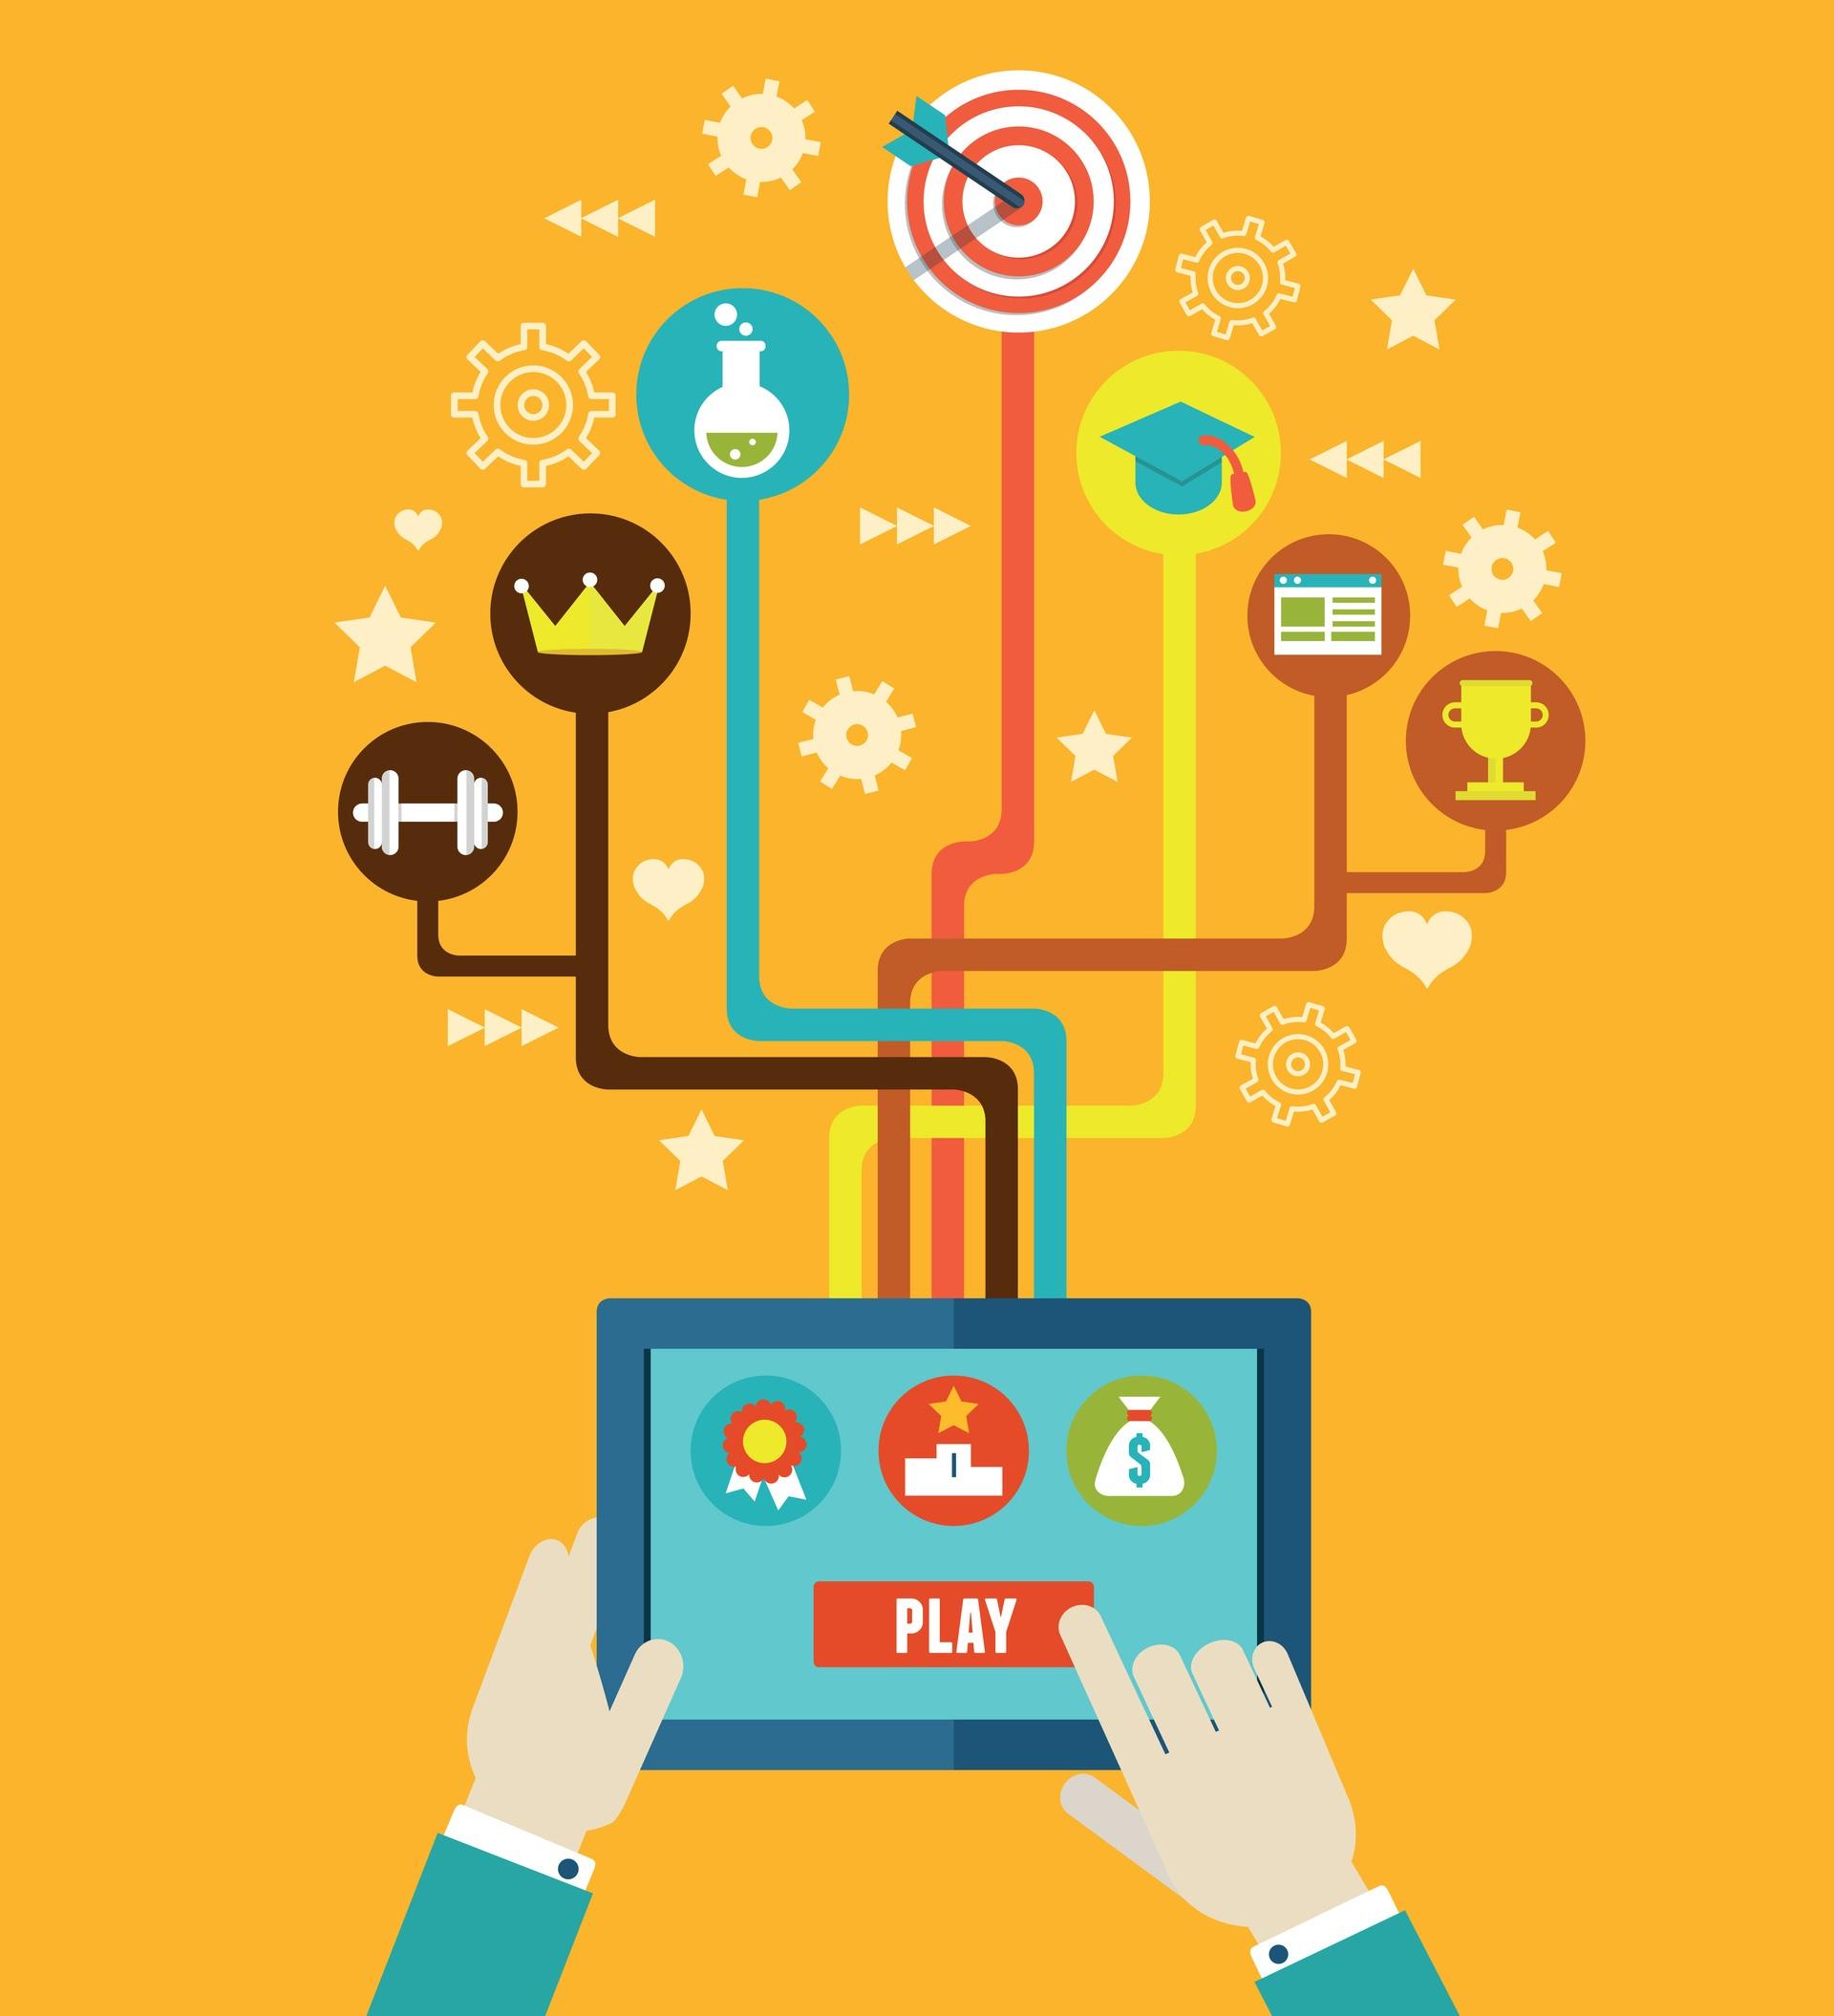 Gamification Et Apprentissage Par Le Jeu : Savez-Vous Faire tout Jeux Des Différences Gratuit En Ligne